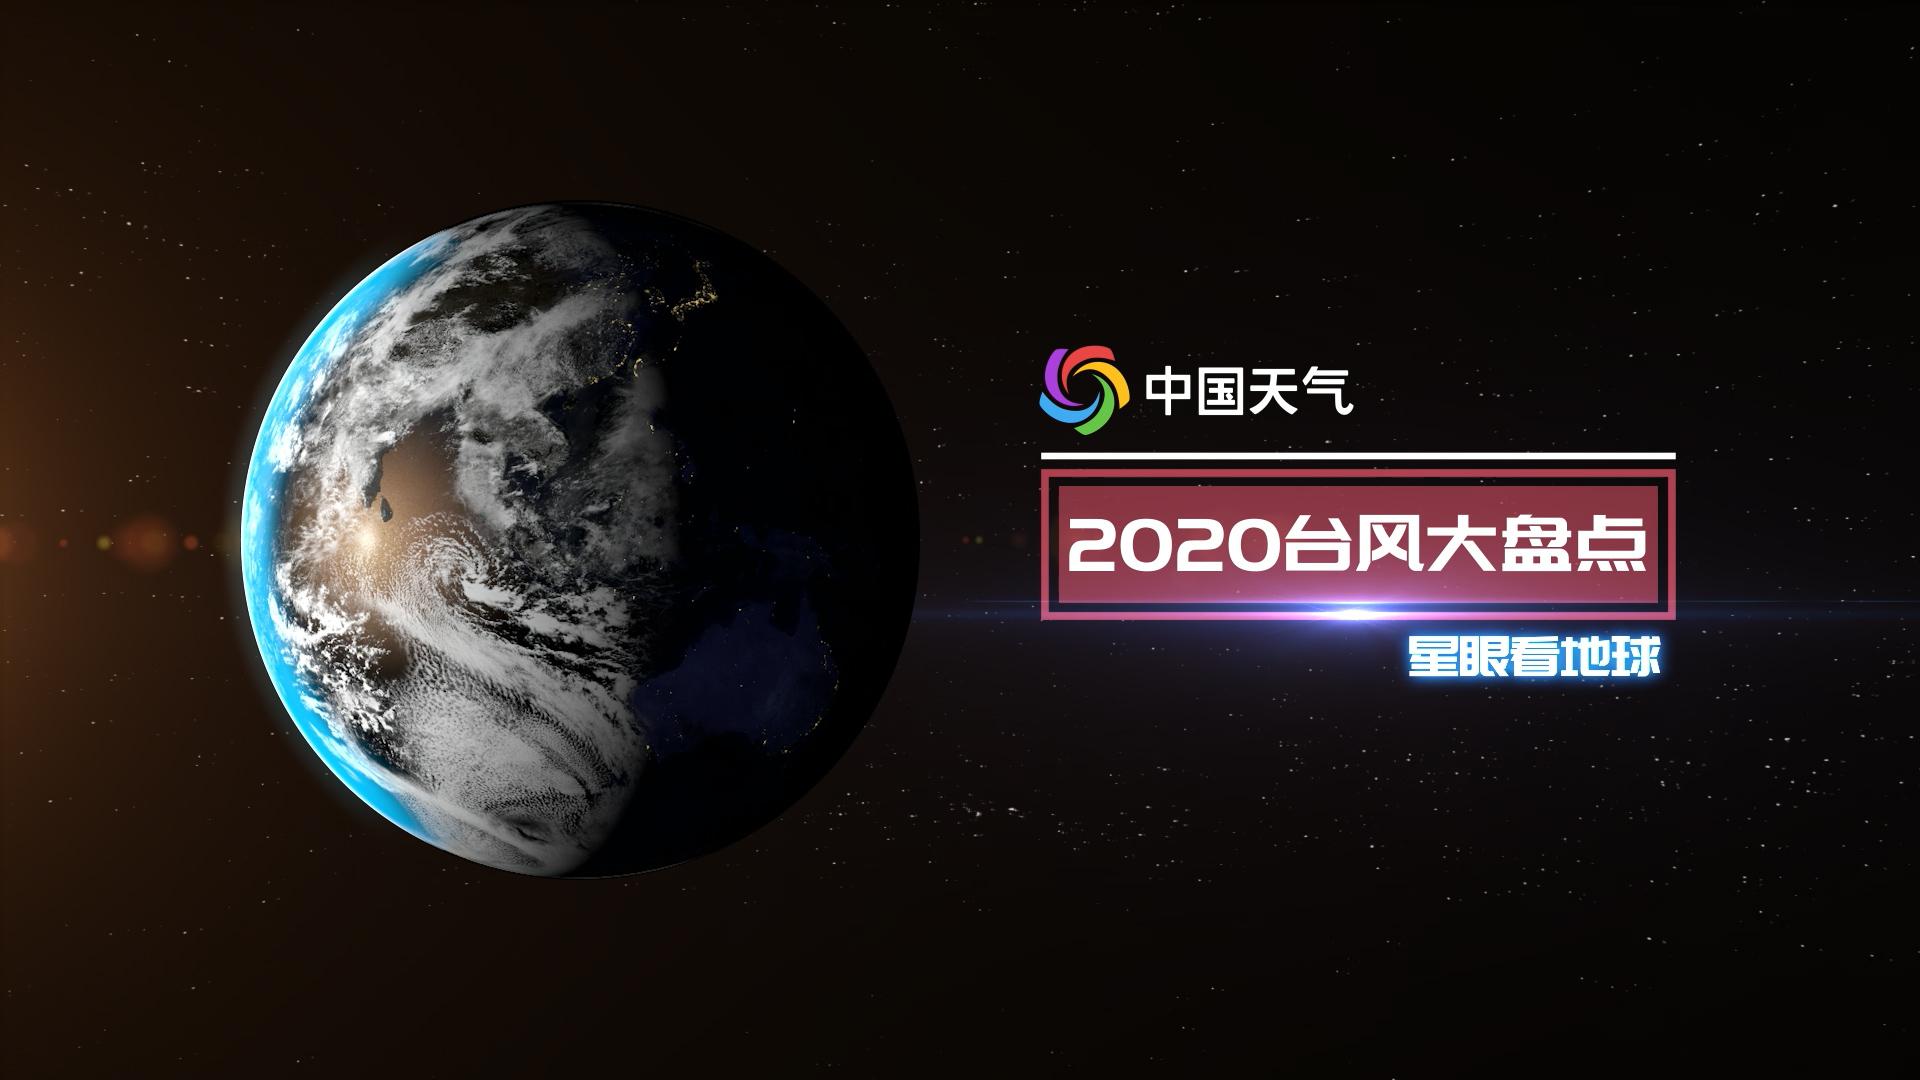 年终盘点:星眼看地球之2020台风白皮书